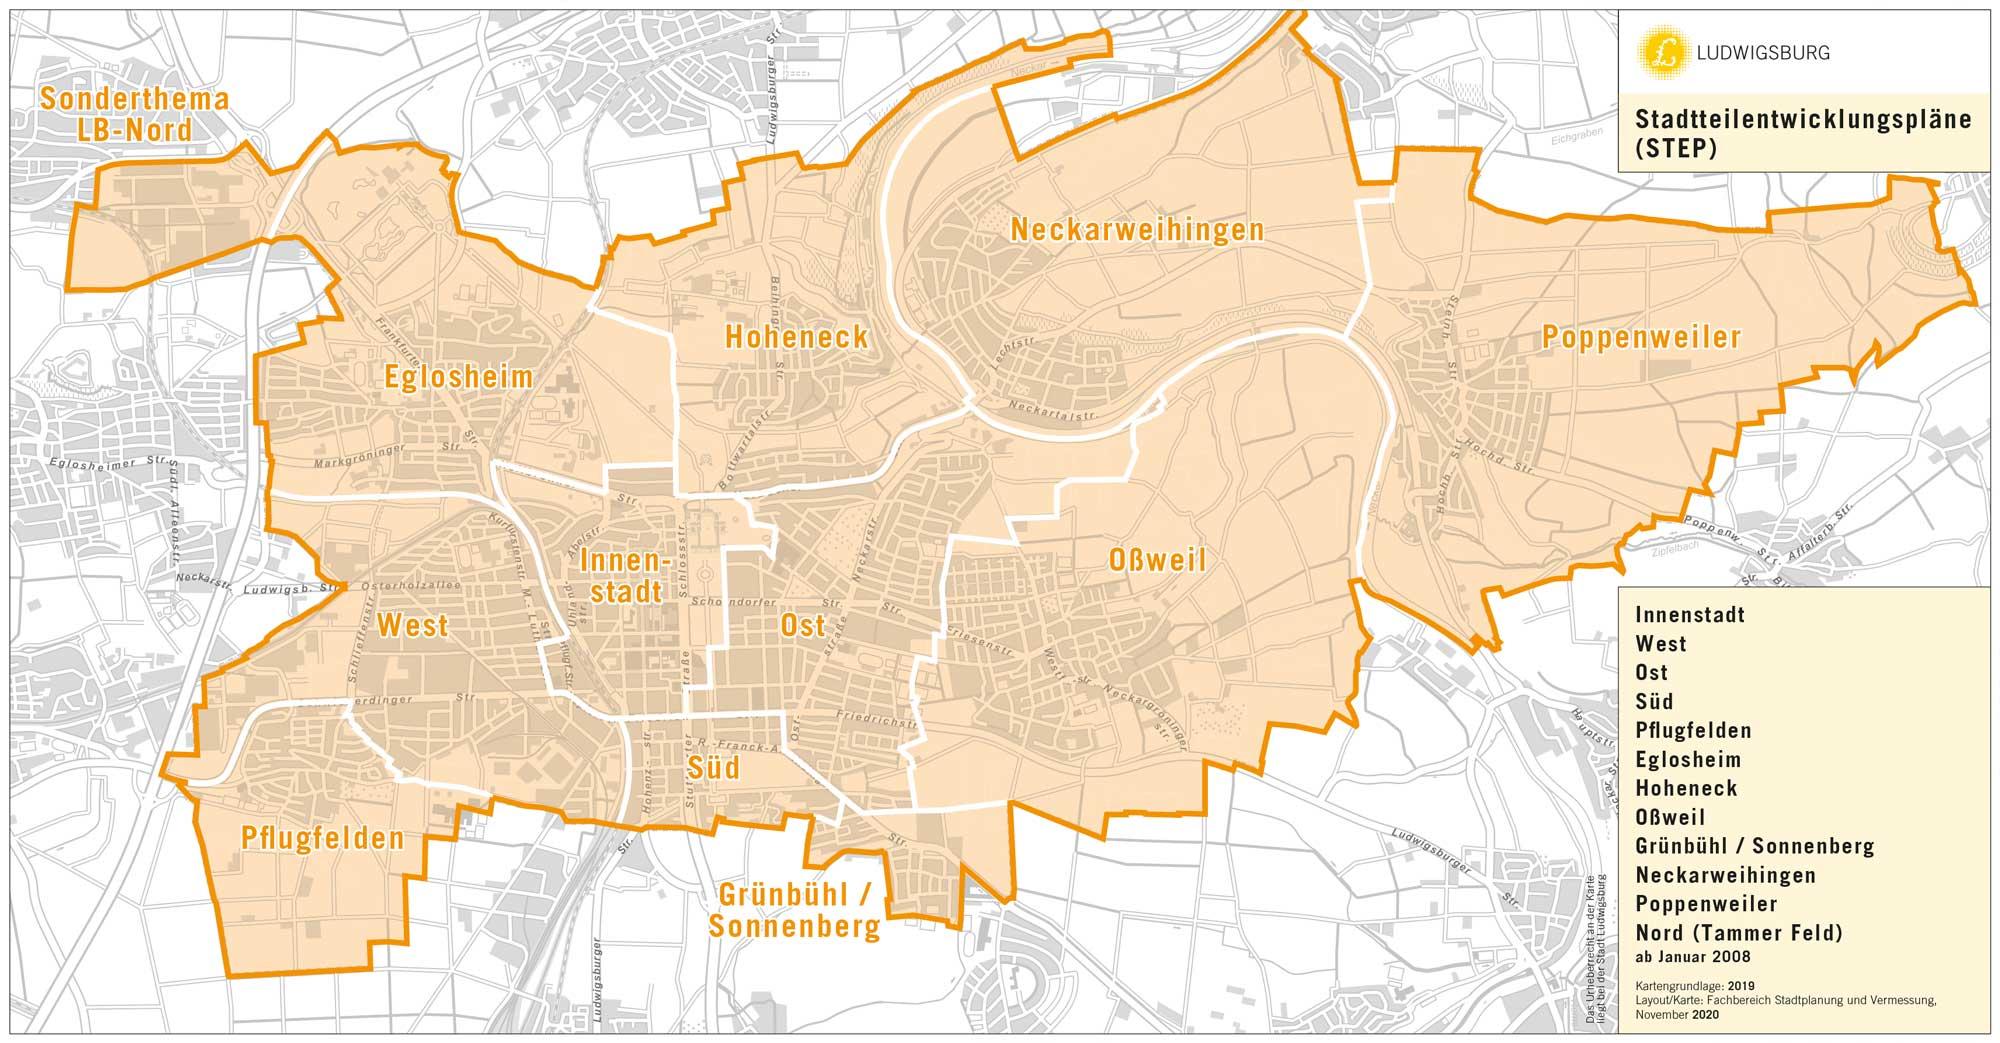 Karte mit hervorgehobenen Abgrenzungen der Stadtteile, für die Stadtteilentwicklungspläne gelten